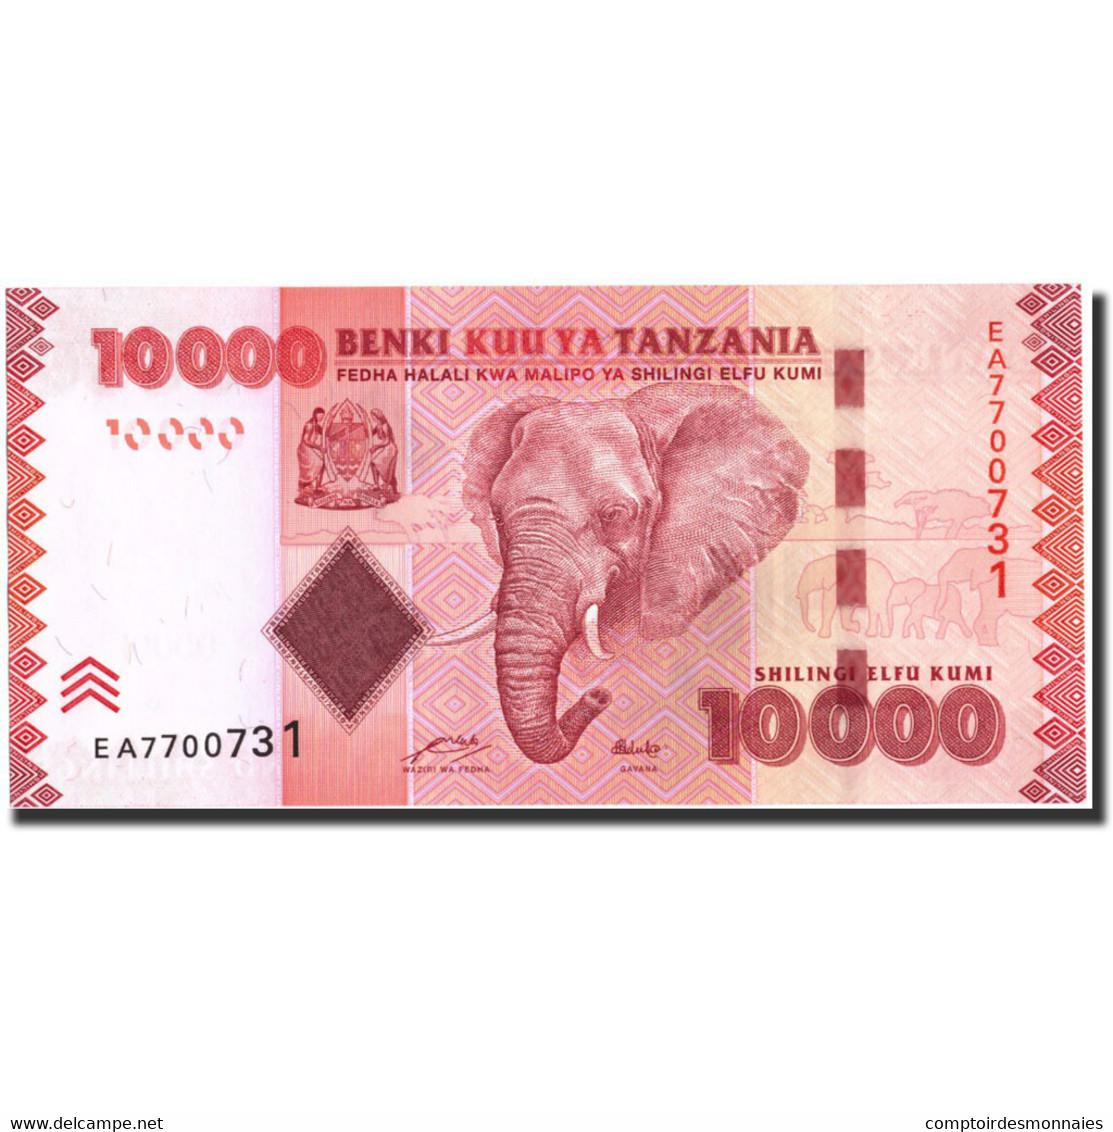 Tanzania, 10,000 Shilingi, 2010, Undated (2010), KM:44, NEUF - Tanzanie